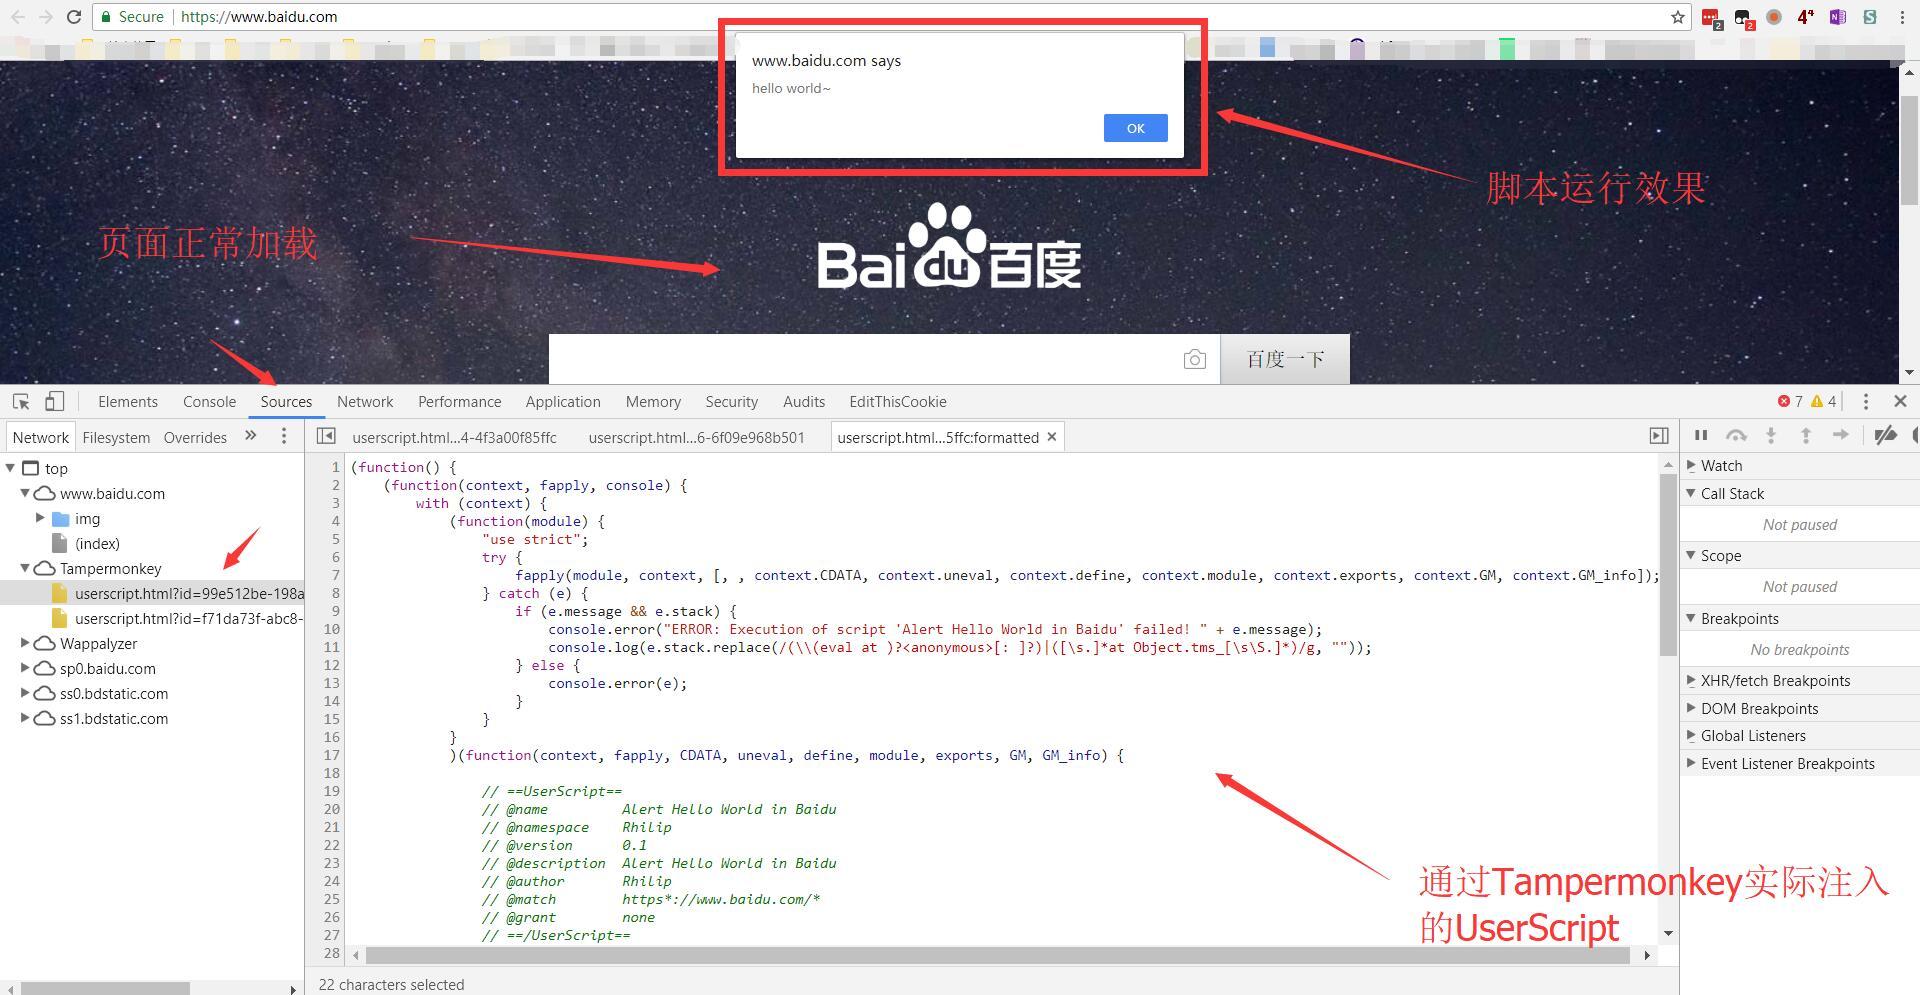 R酱的Userscript笔记(2): 新手入门篇